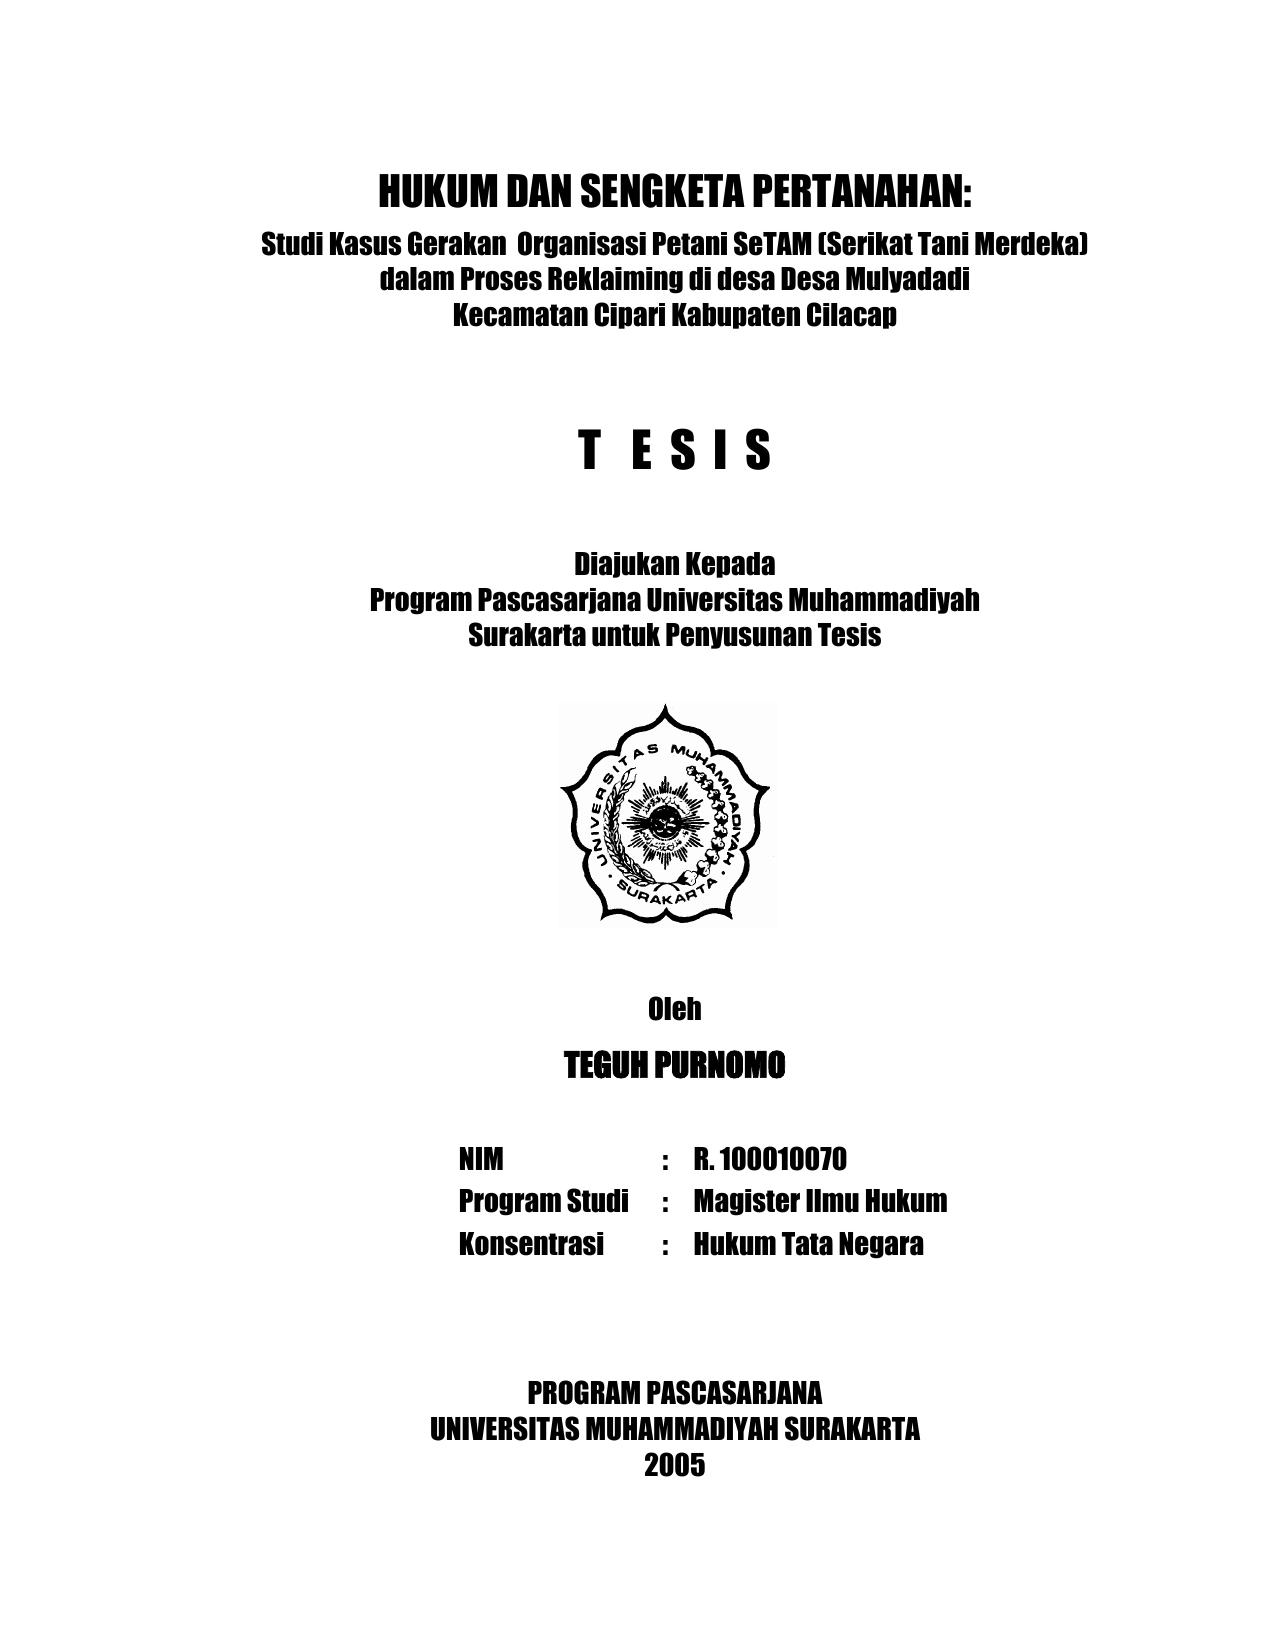 Contoh Soal Dan Materi Pelajaran 2 Contoh Tesis Hukum Tata Negara